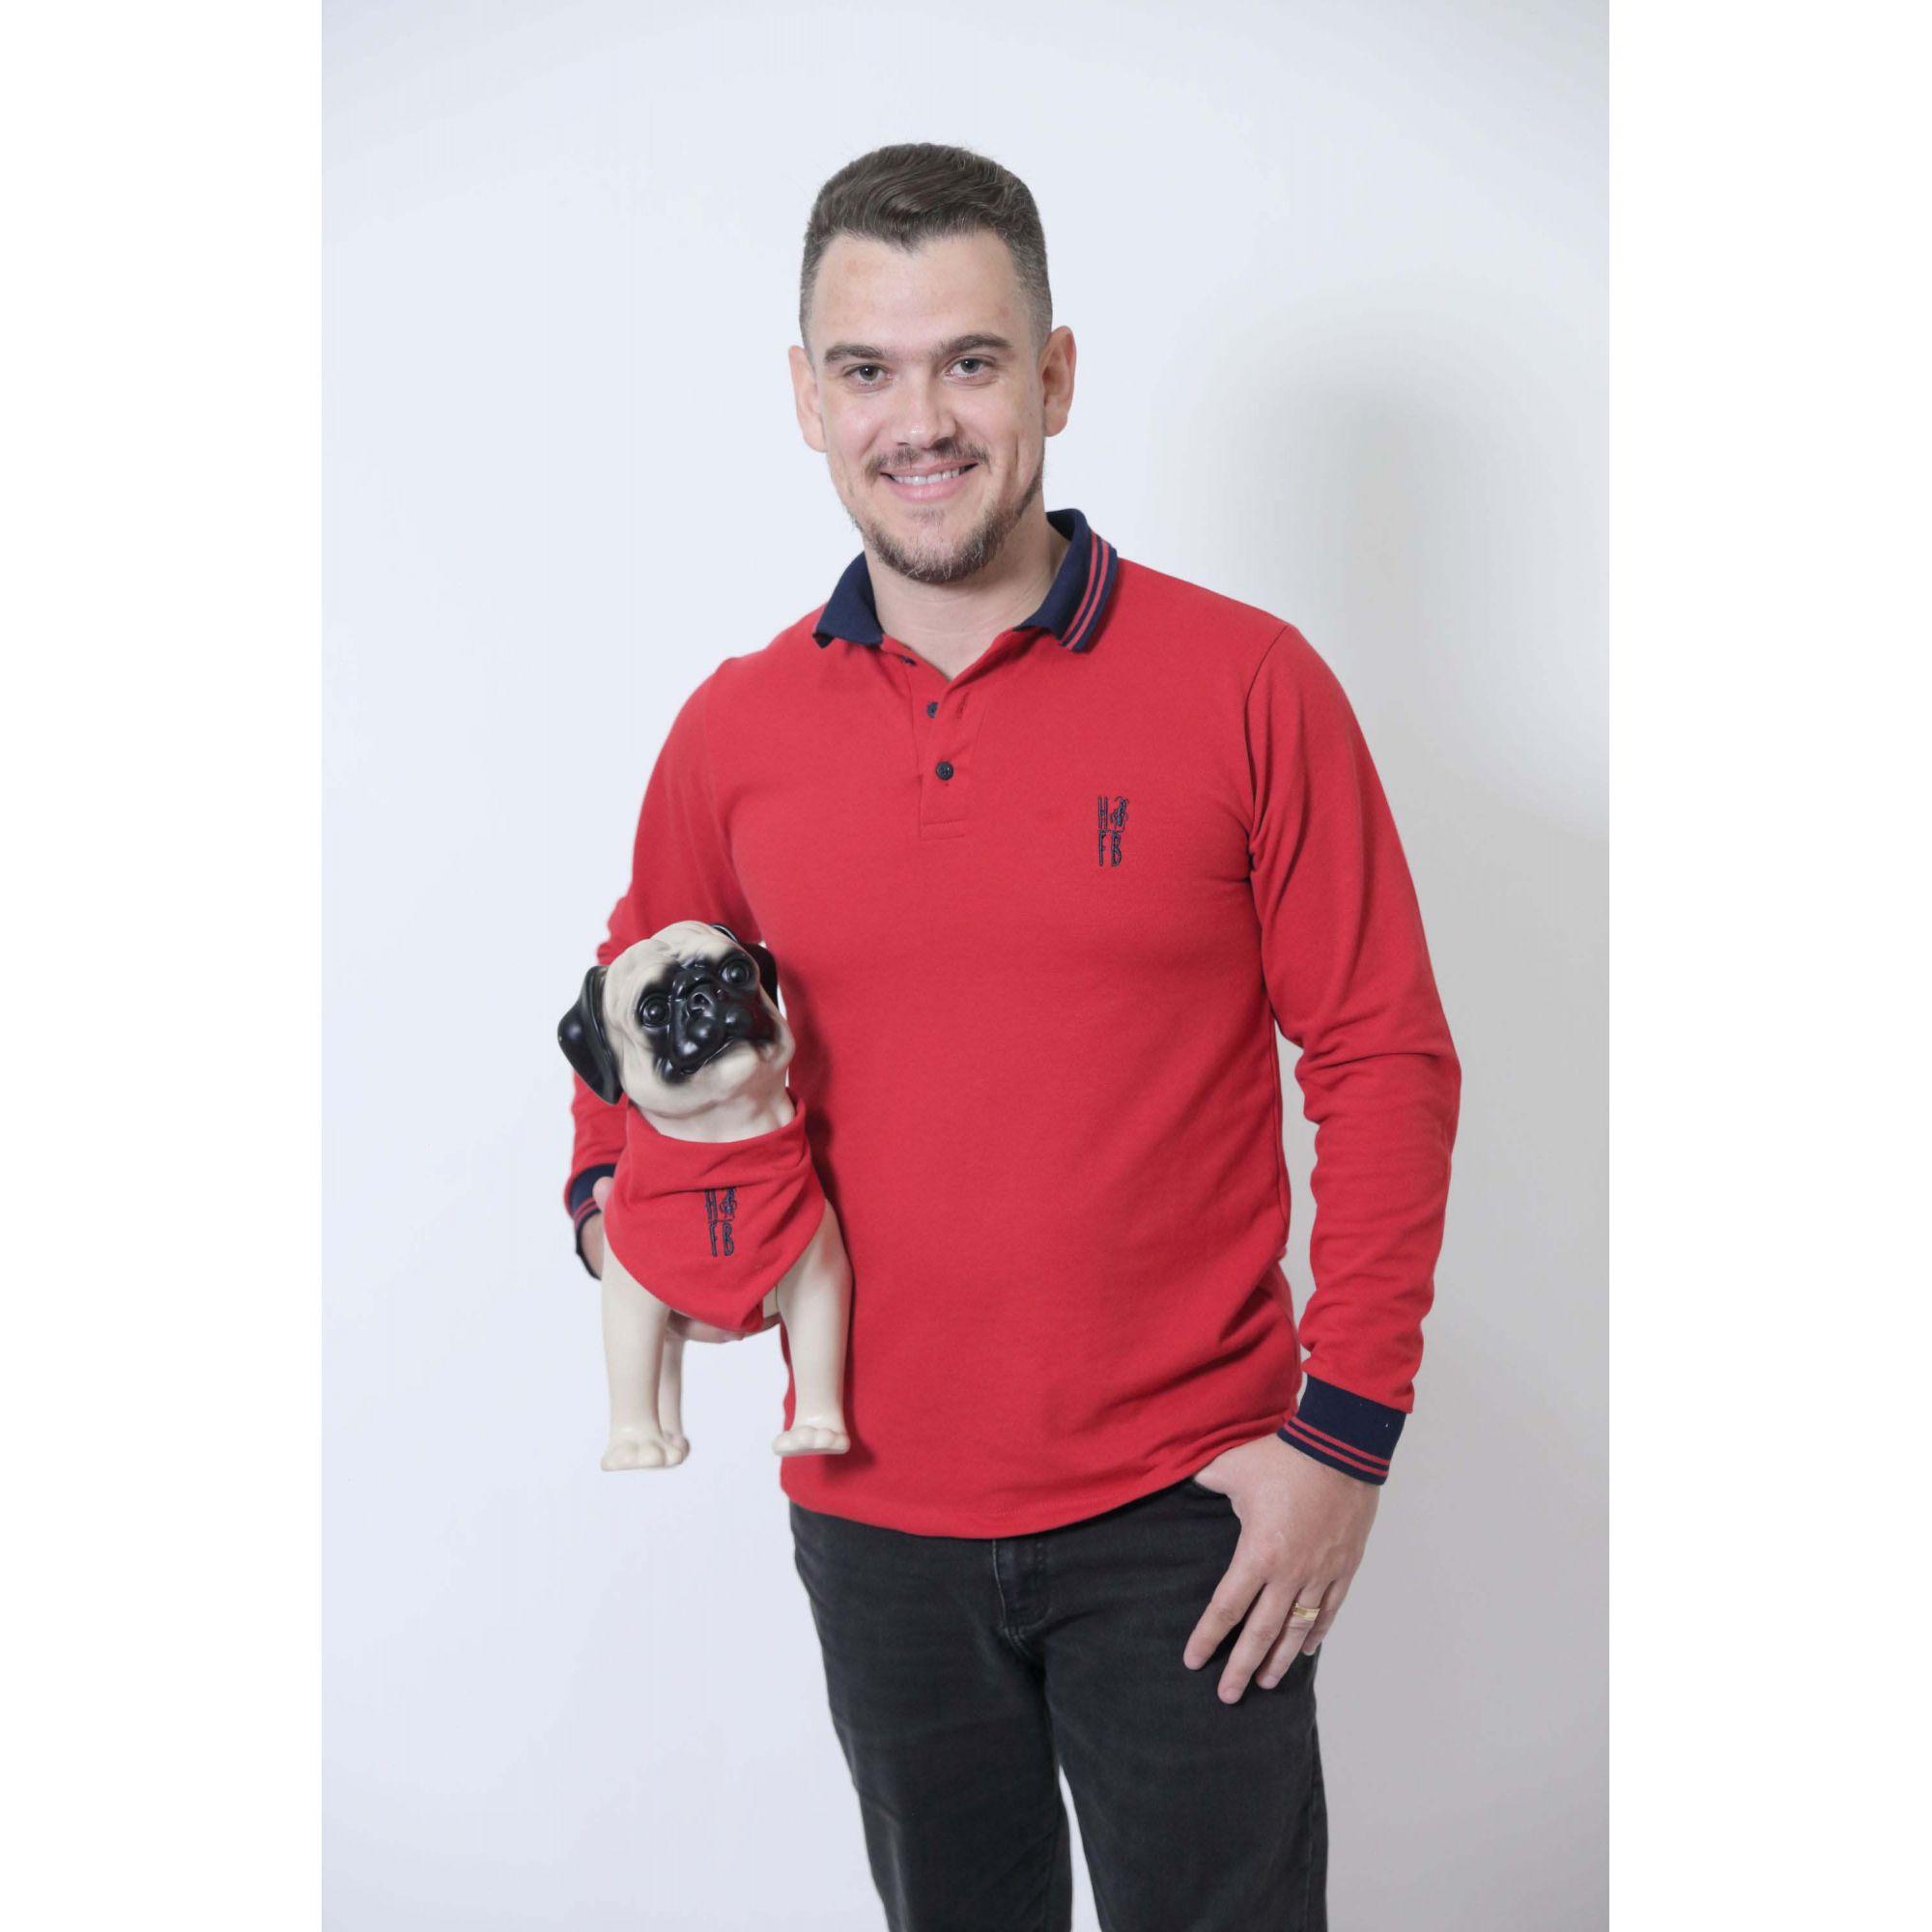 PAIS E PET > Kit 3 peças Camisa + Vestido Polo + Bandana - Vermelho Manga Longa [Coleção Família]  - Heitor Fashion Brazil